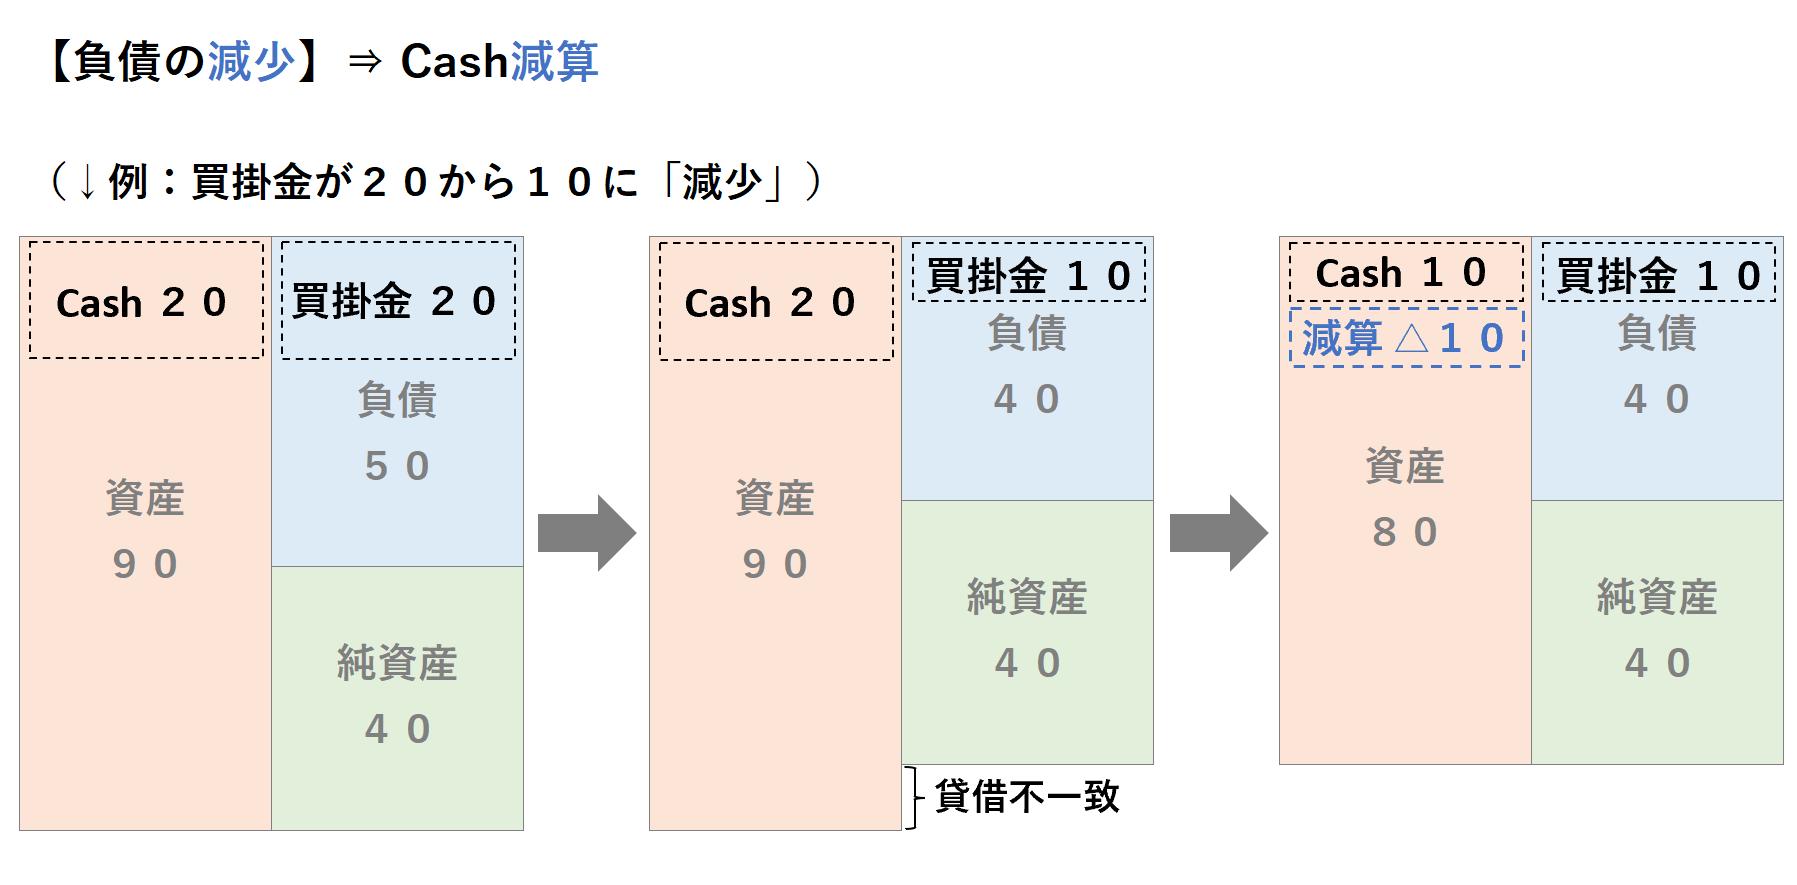 間接法CF:負債の減少、キャッシュの減算